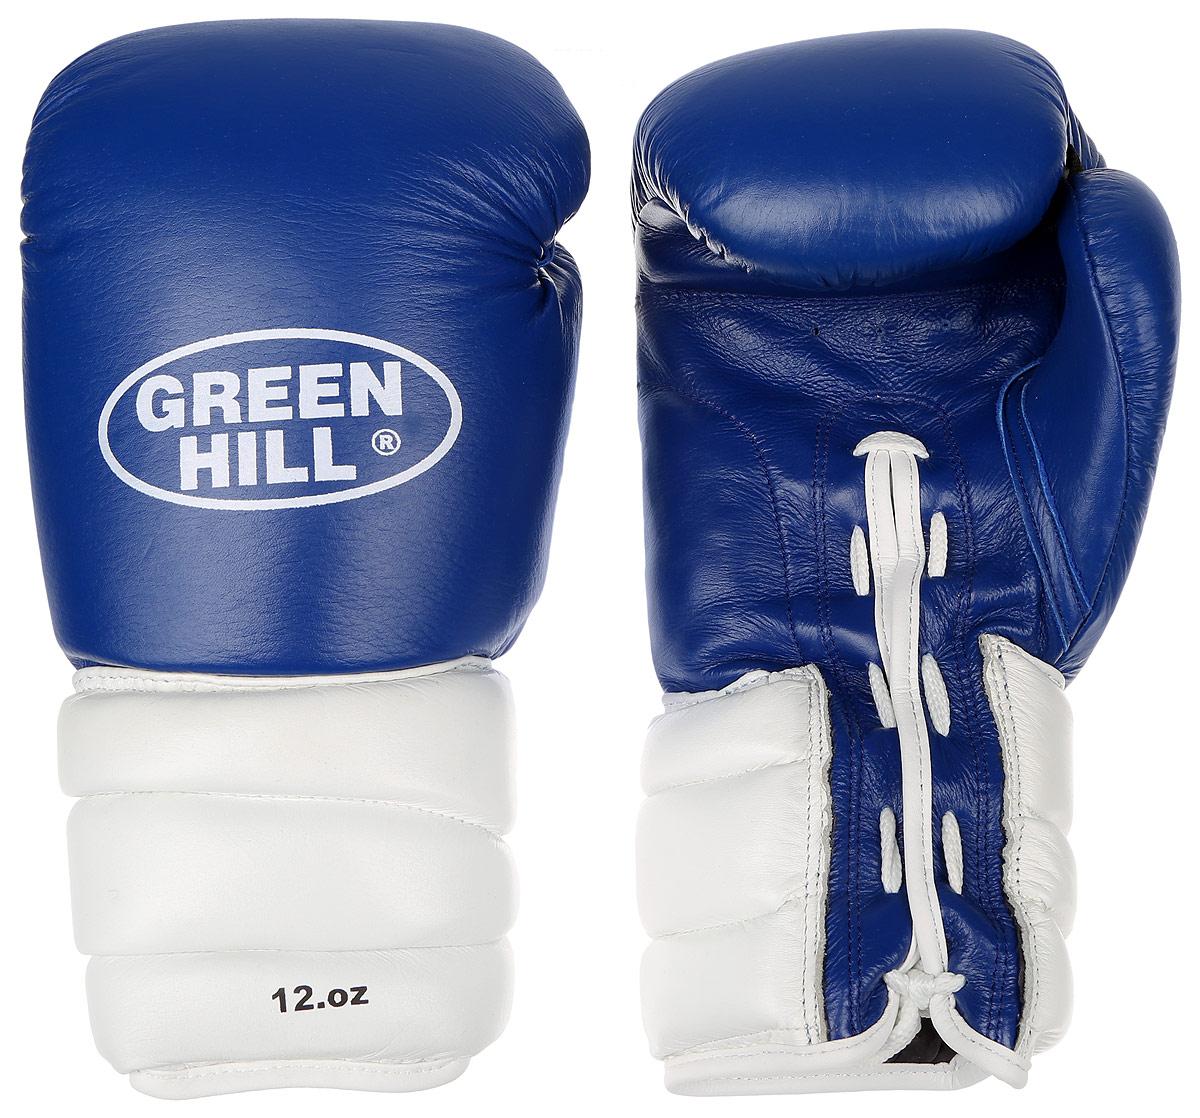 Перчатки боксерские Green Hill Pro Star, цвет: синий, белый. Вес 12 унций. BGPS-2012AP02013Тренировочные боксерские перчатки Green Hill Pro Star отлично подойдут для спаррингов. Верх выполнен из натуральной кожи, наполнитель - из вспененного полимера. Отверстие в области ладони позволяет создать максимально комфортный терморежим во время занятий. Удлиненный сегментированный манжет способствует быстрому и удобному надеванию перчаток, плотно фиксирует их на руке.